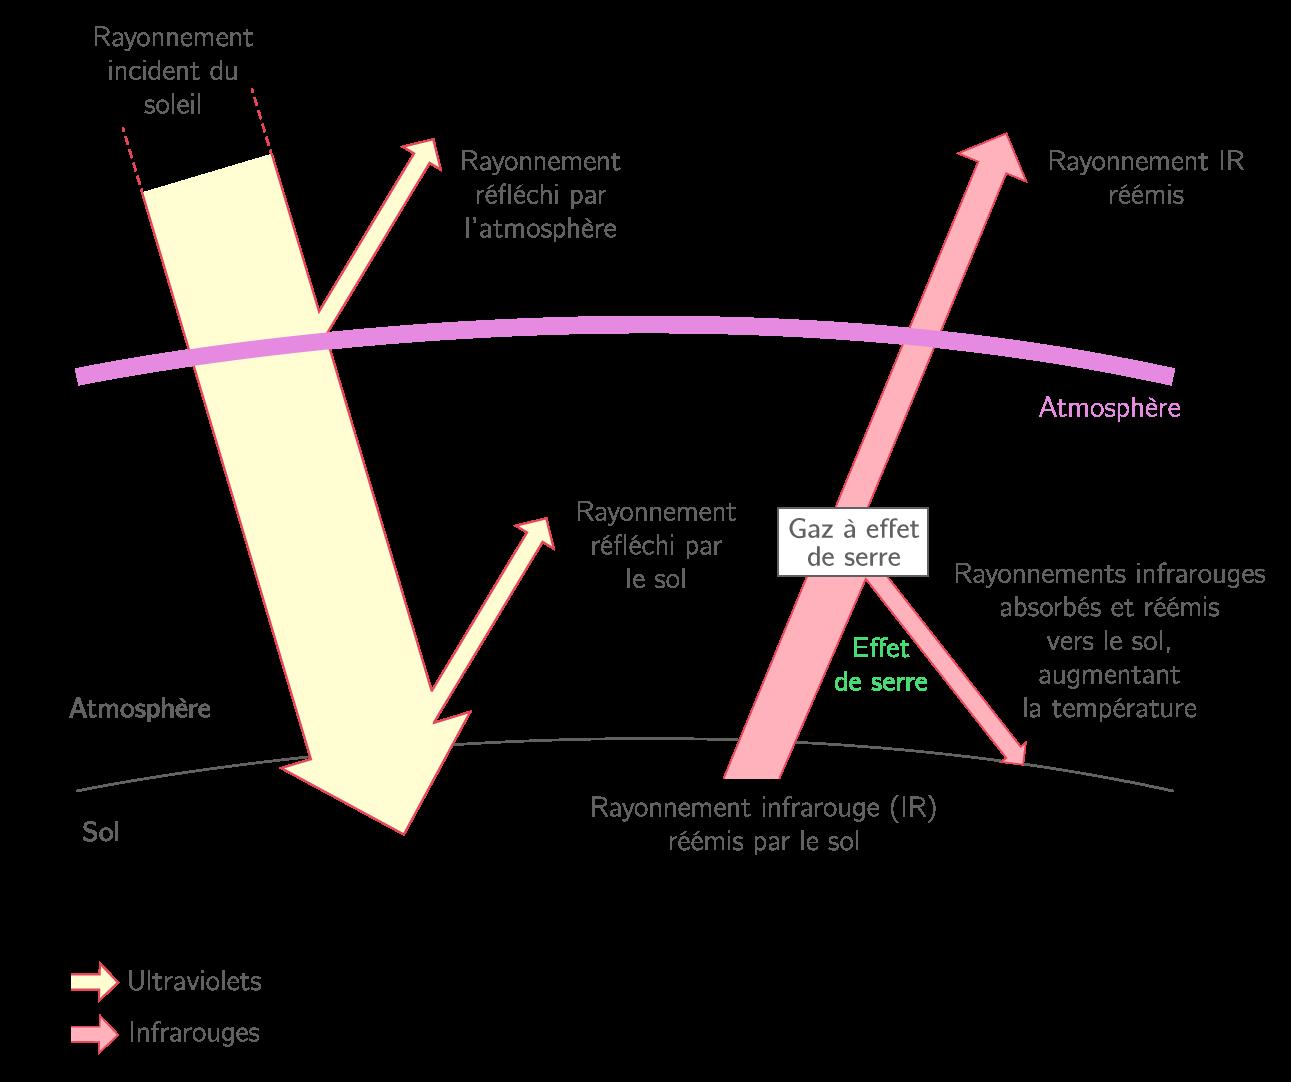 Schéma de l'effet de serre